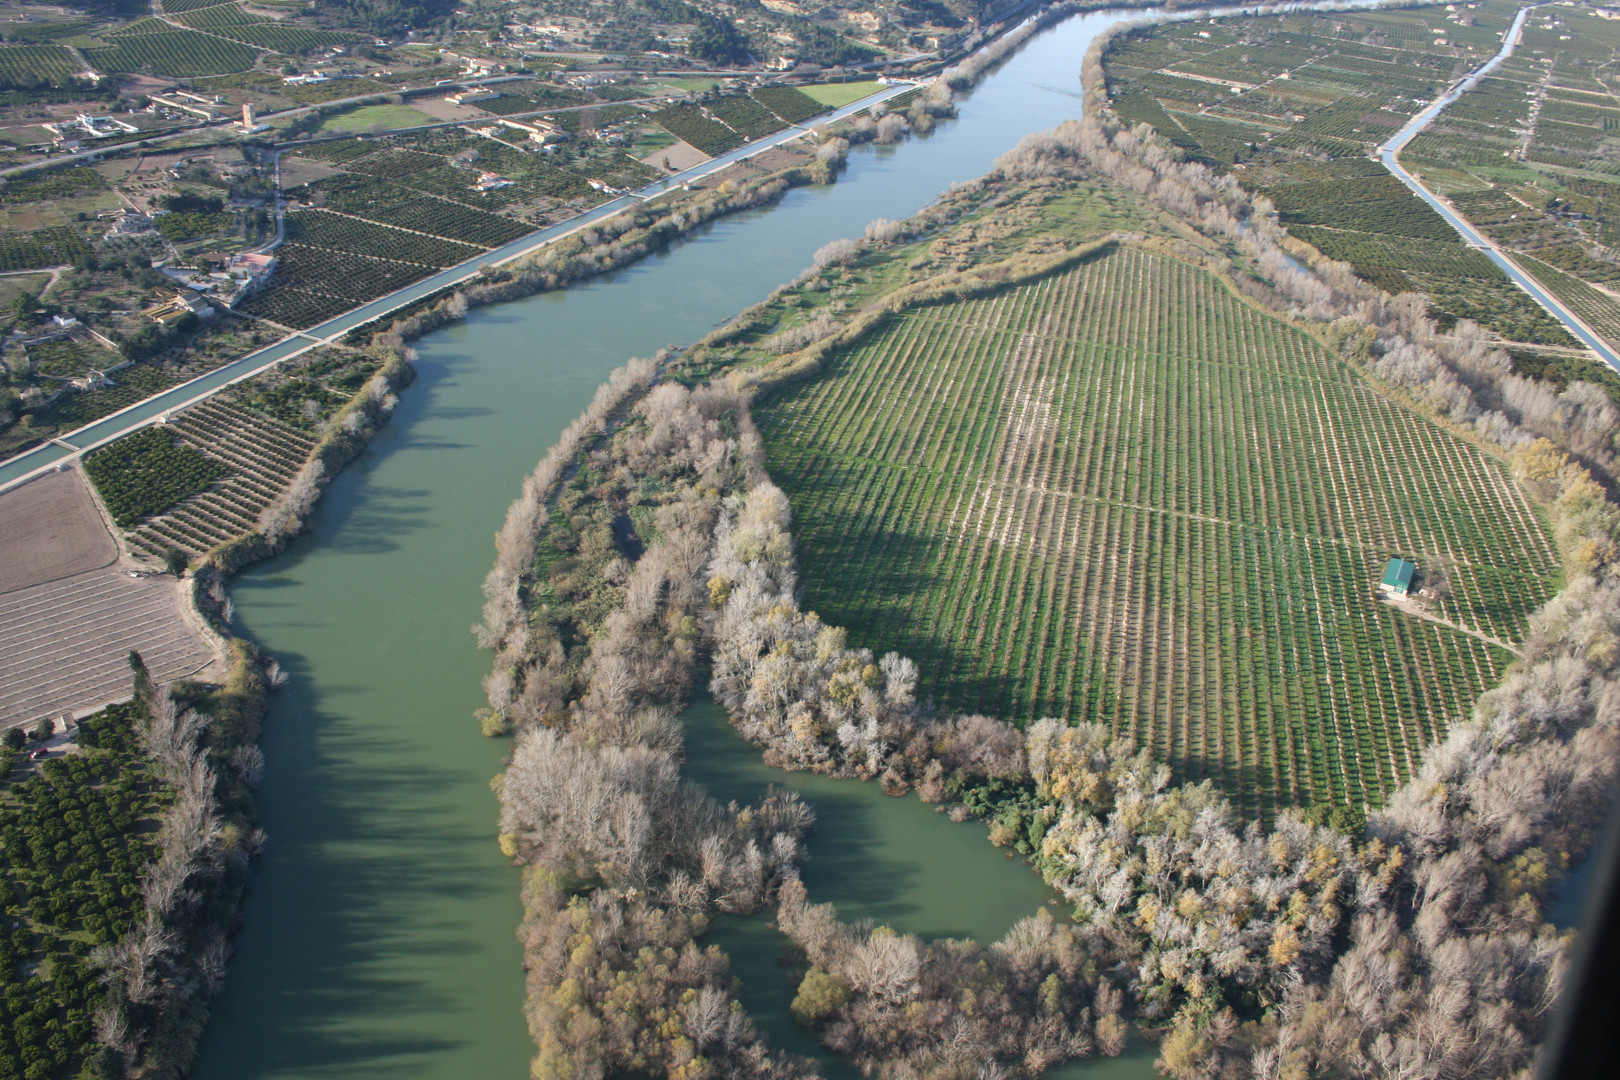 Analitzem els rius per millorar les seves condicions ecològiques